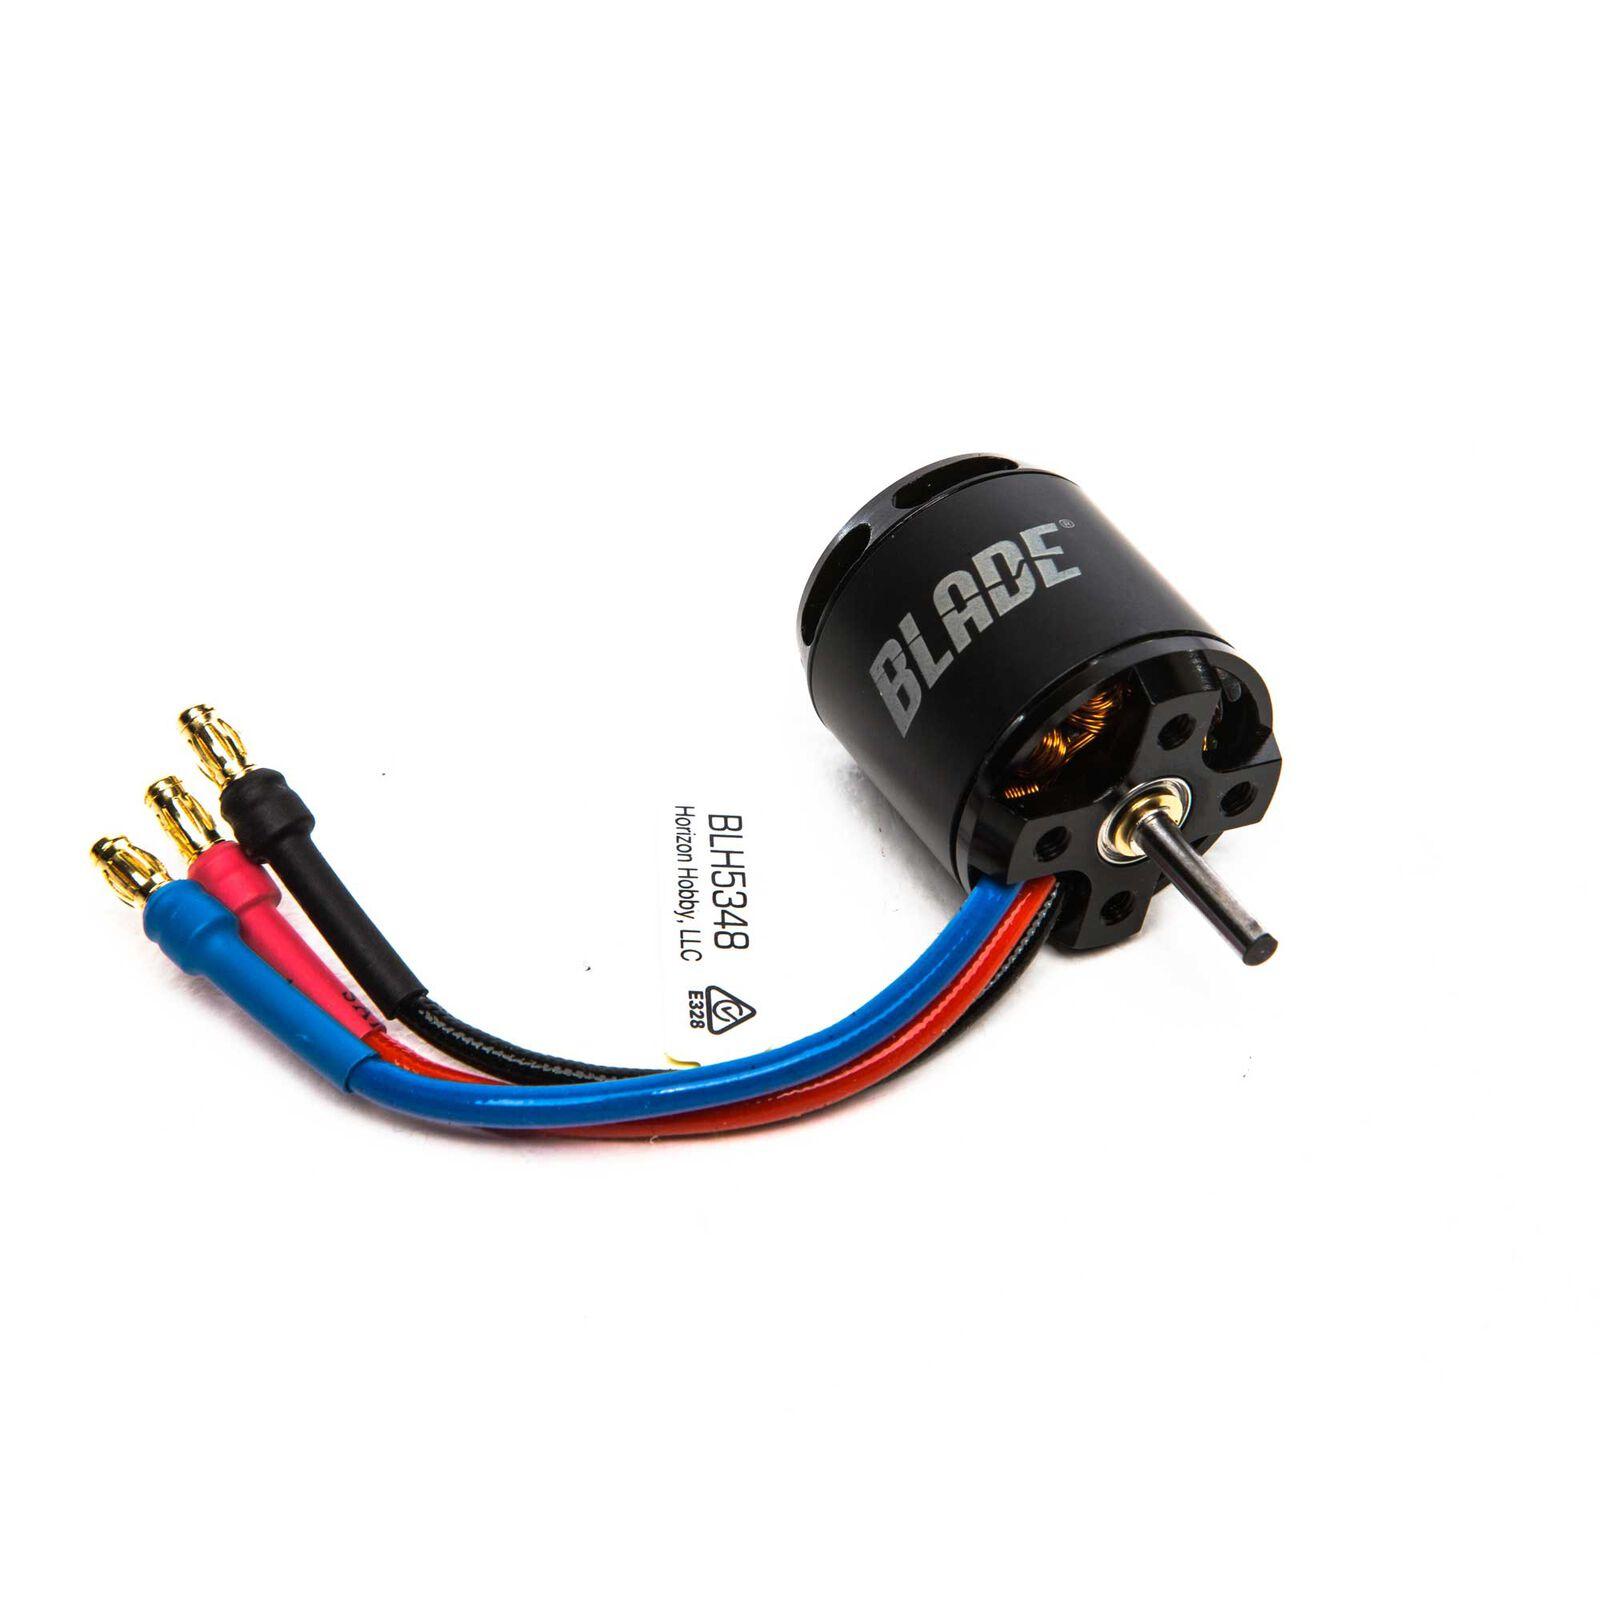 BL Motor 2950kV: Fusion 270